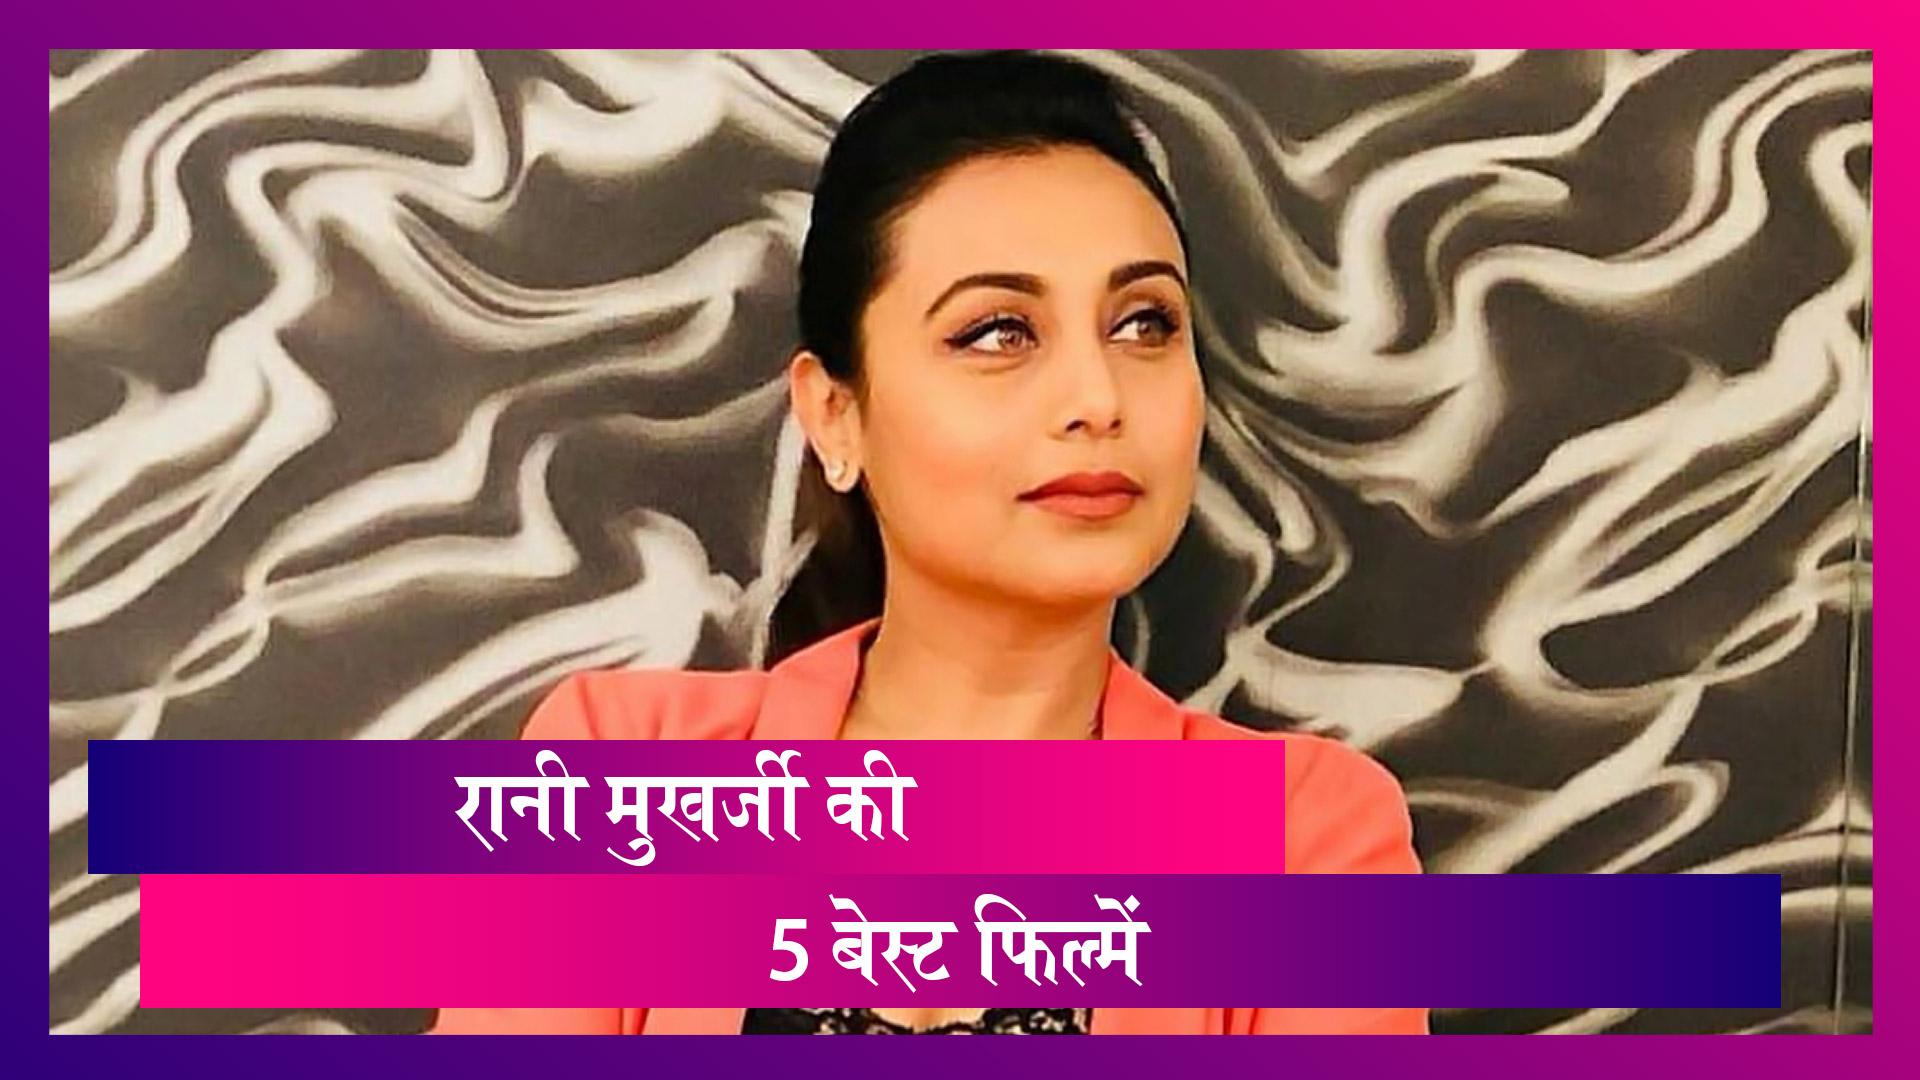 Rani Mukerji Birthday: एक्ट्रेस के जन्मदिन पर देखें उनकी 5 बेस्ट फिल्में